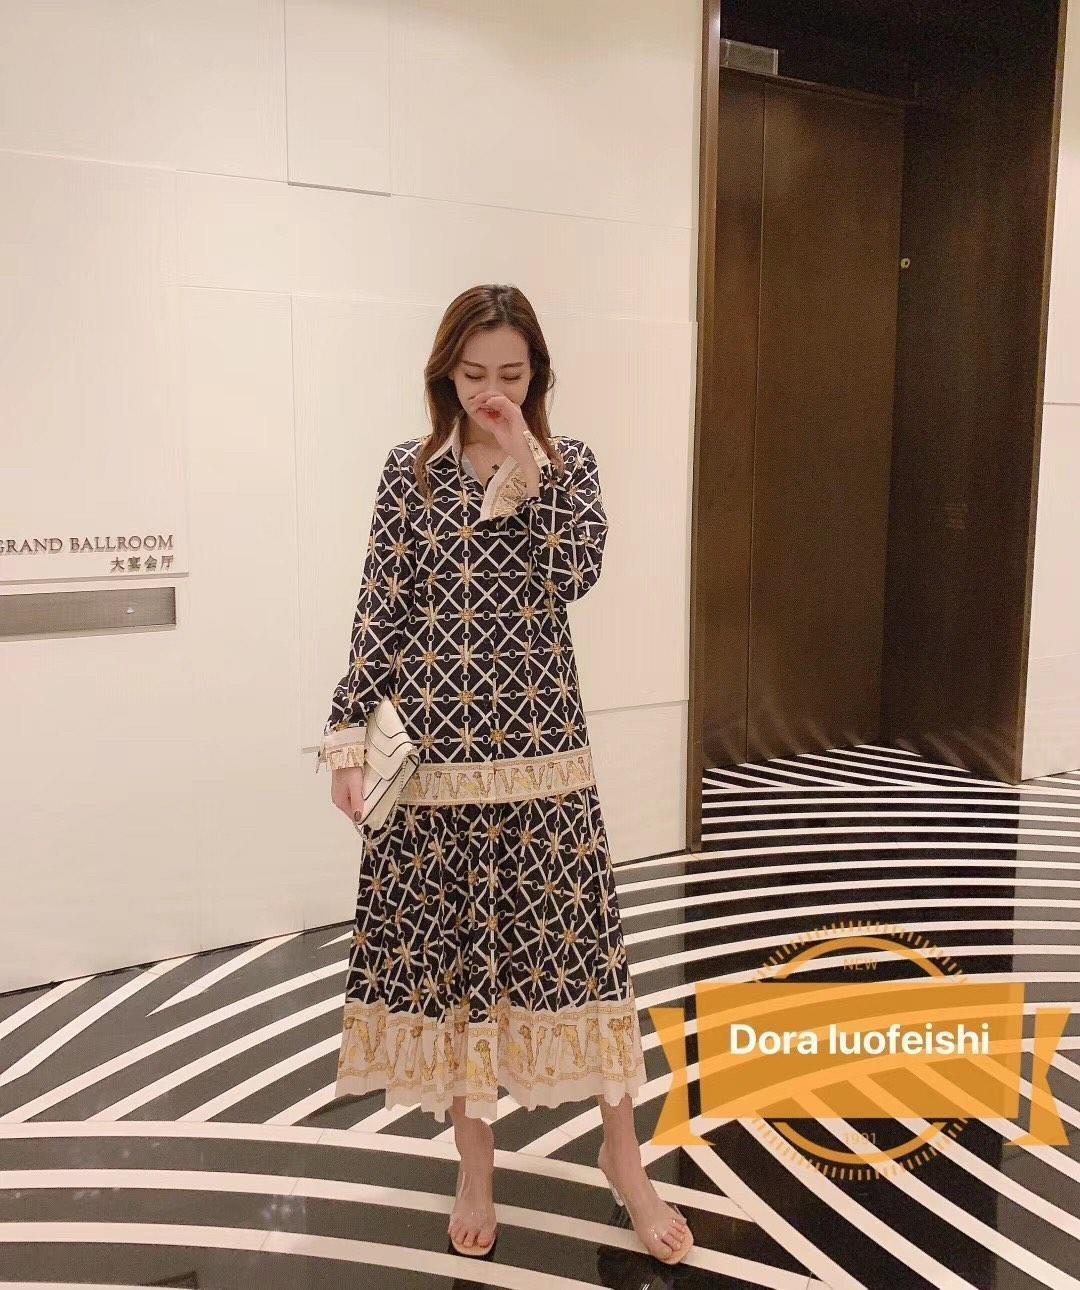 штучных женщины два комплекта юбка марка печать с длинным рукавом рубашки топы плиссированные длинные юбки женщин одежды платья партии одежды 10239